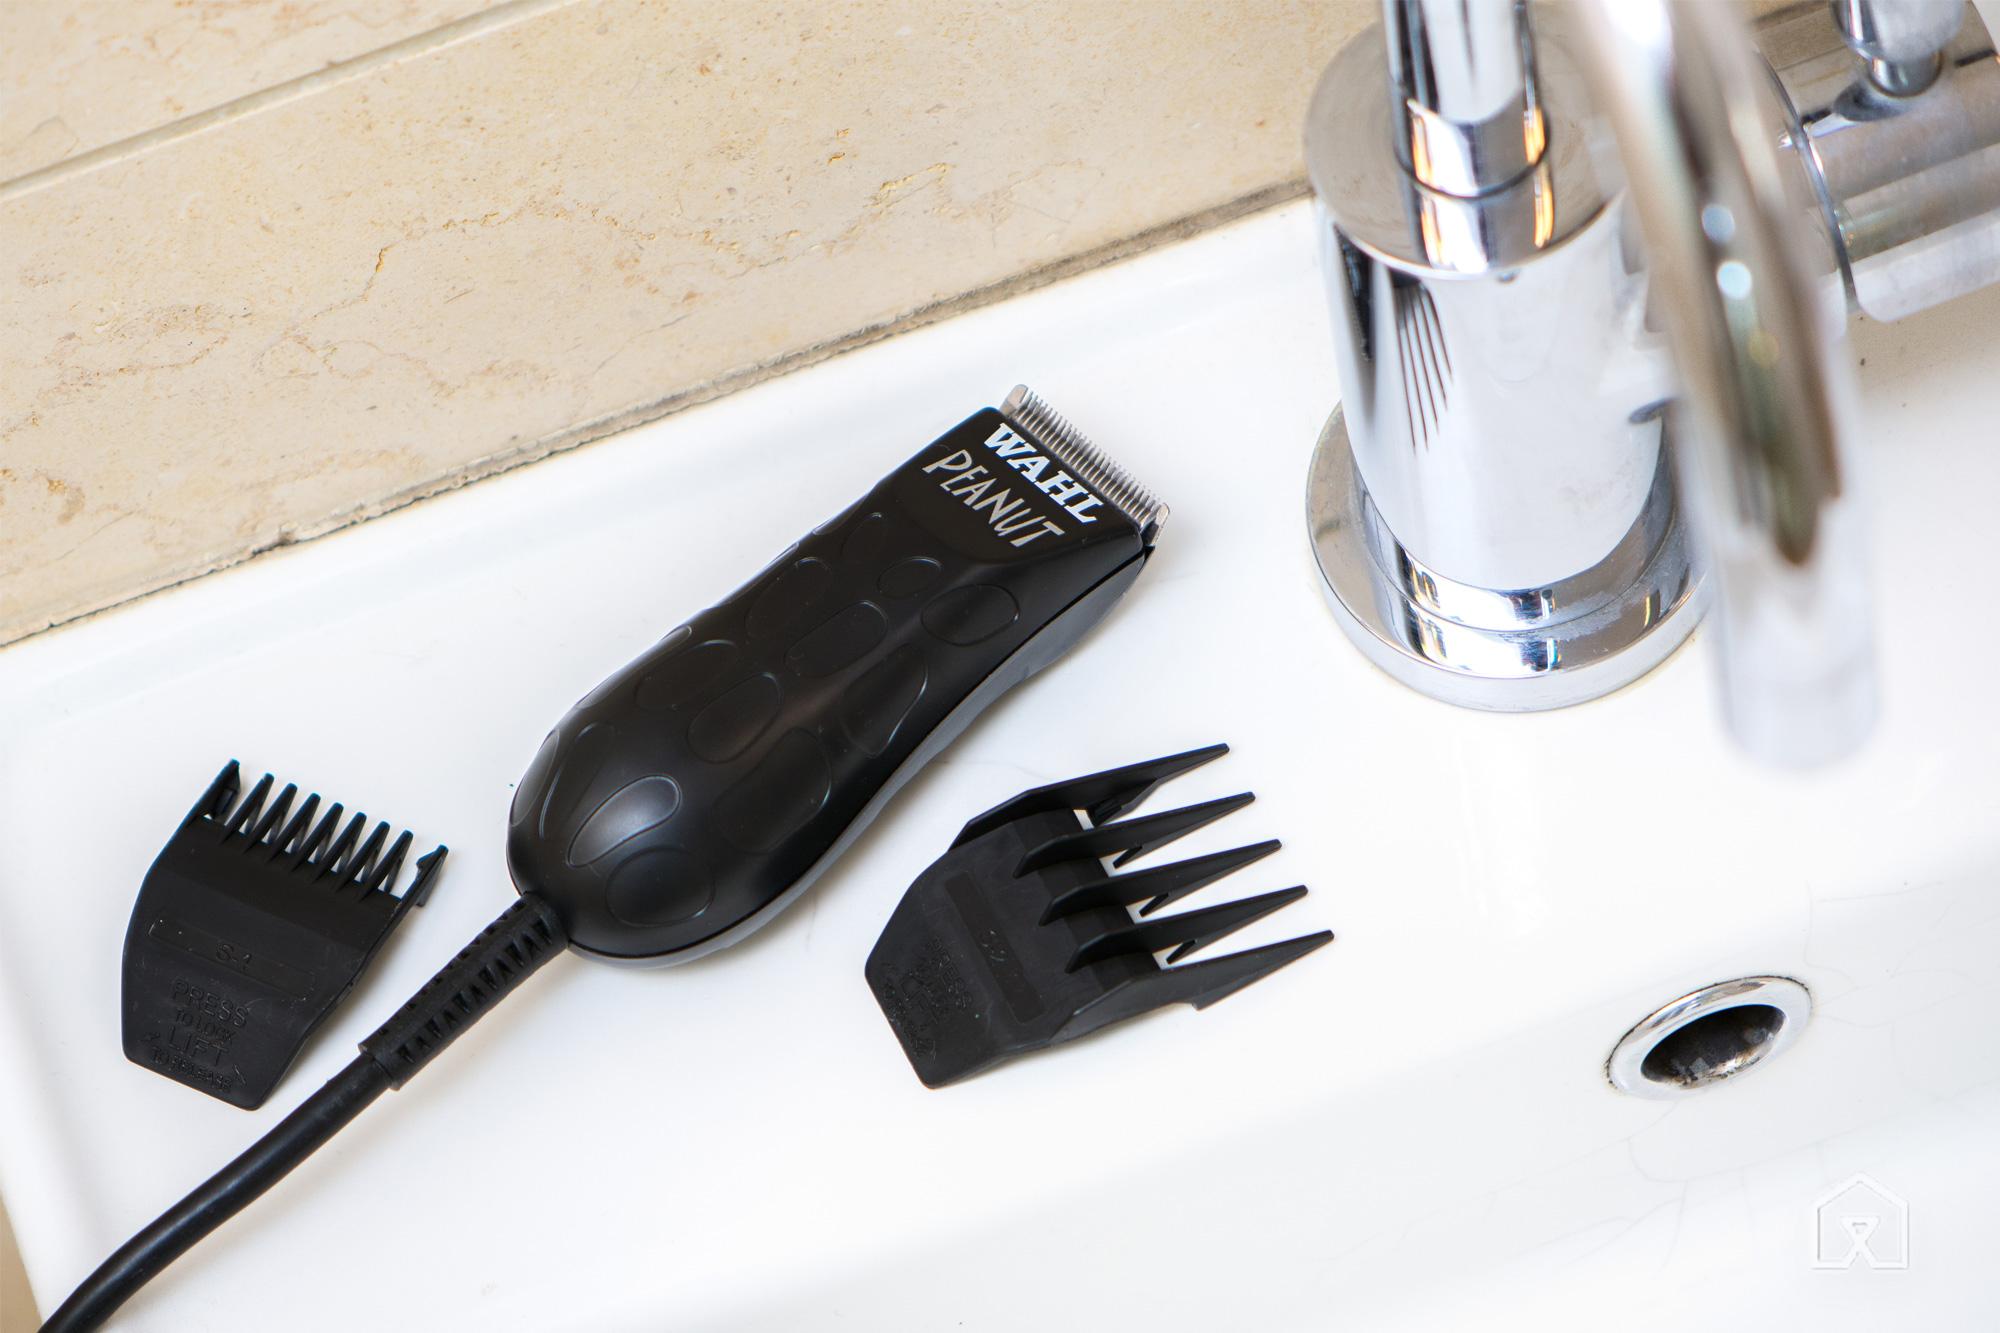 the best beard trimmer. Black Bedroom Furniture Sets. Home Design Ideas